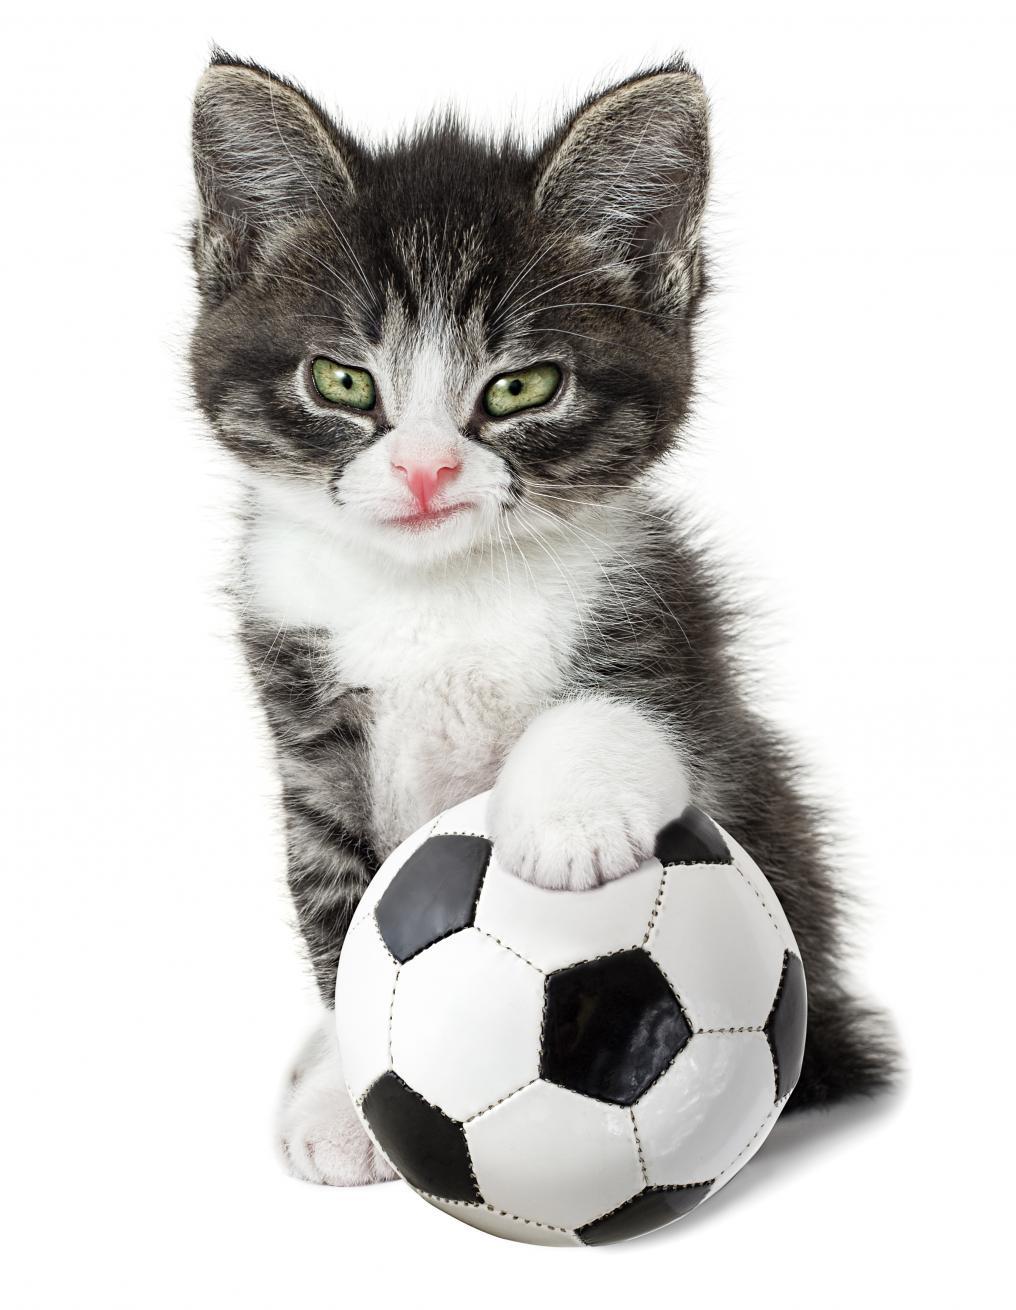 Soccer Cat Pulisic